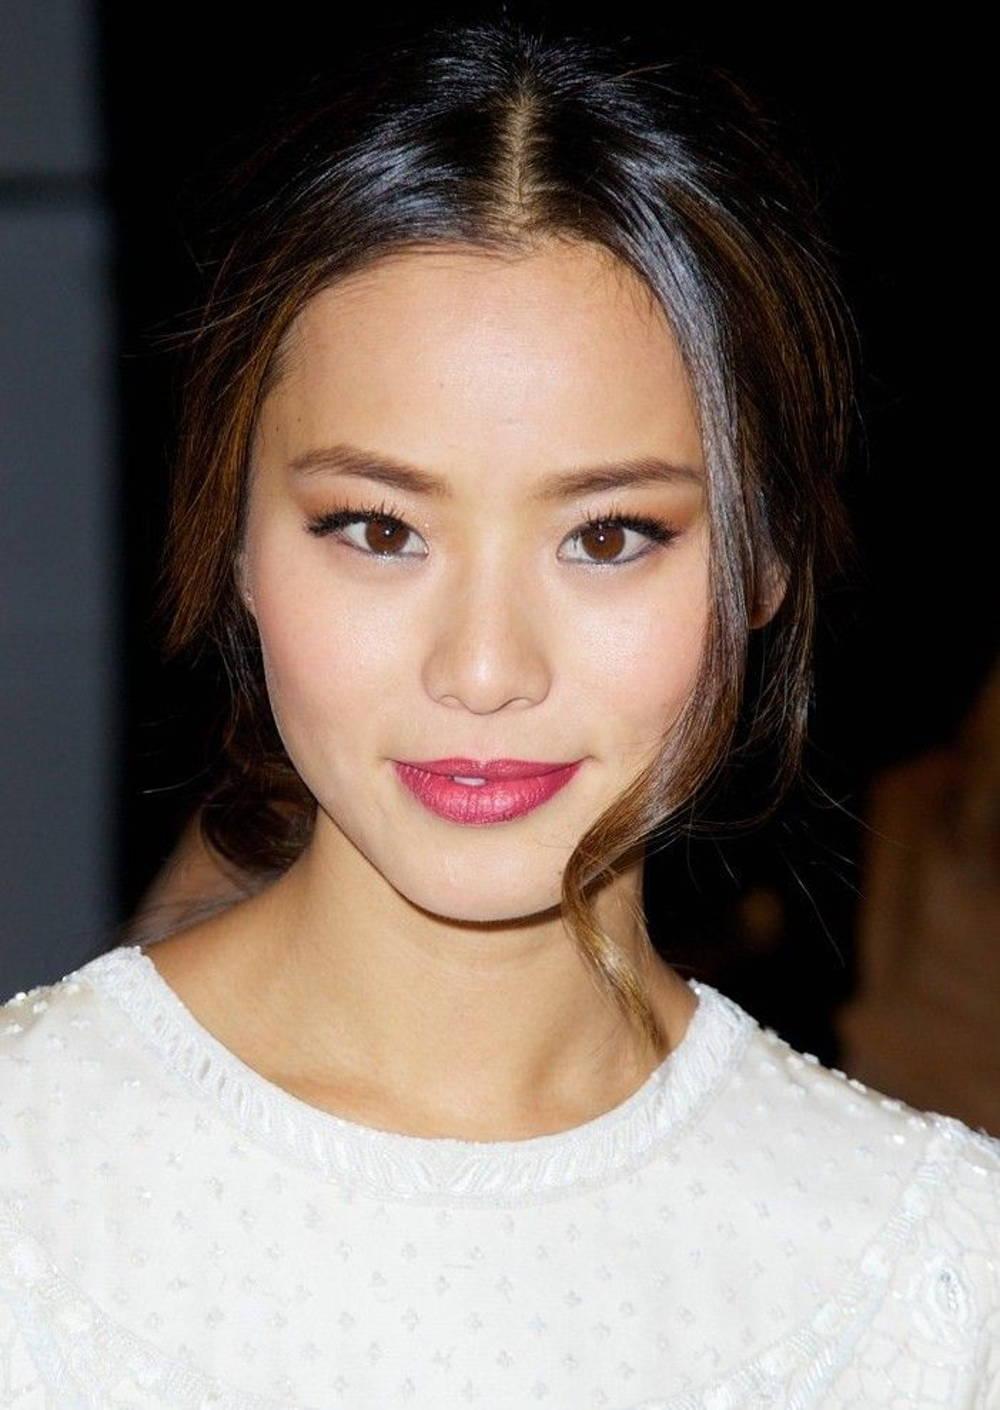 Jamie Chung winged eyeliner